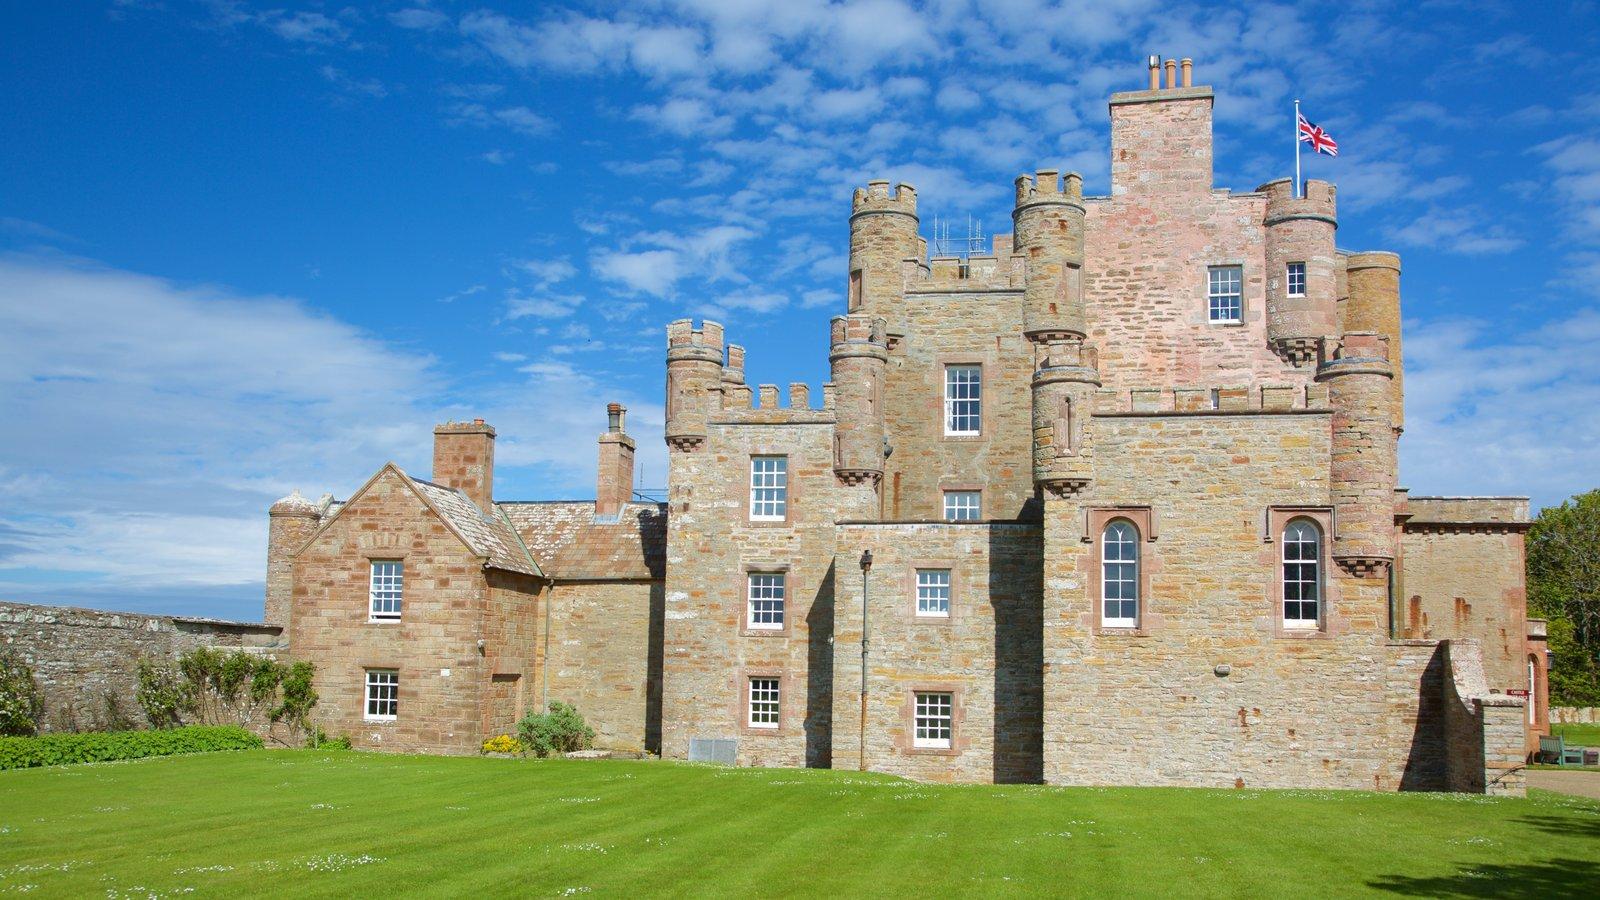 Castelo de Mey que inclui elementos de patrimônio, arquitetura de patrimônio e um pequeno castelo ou palácio